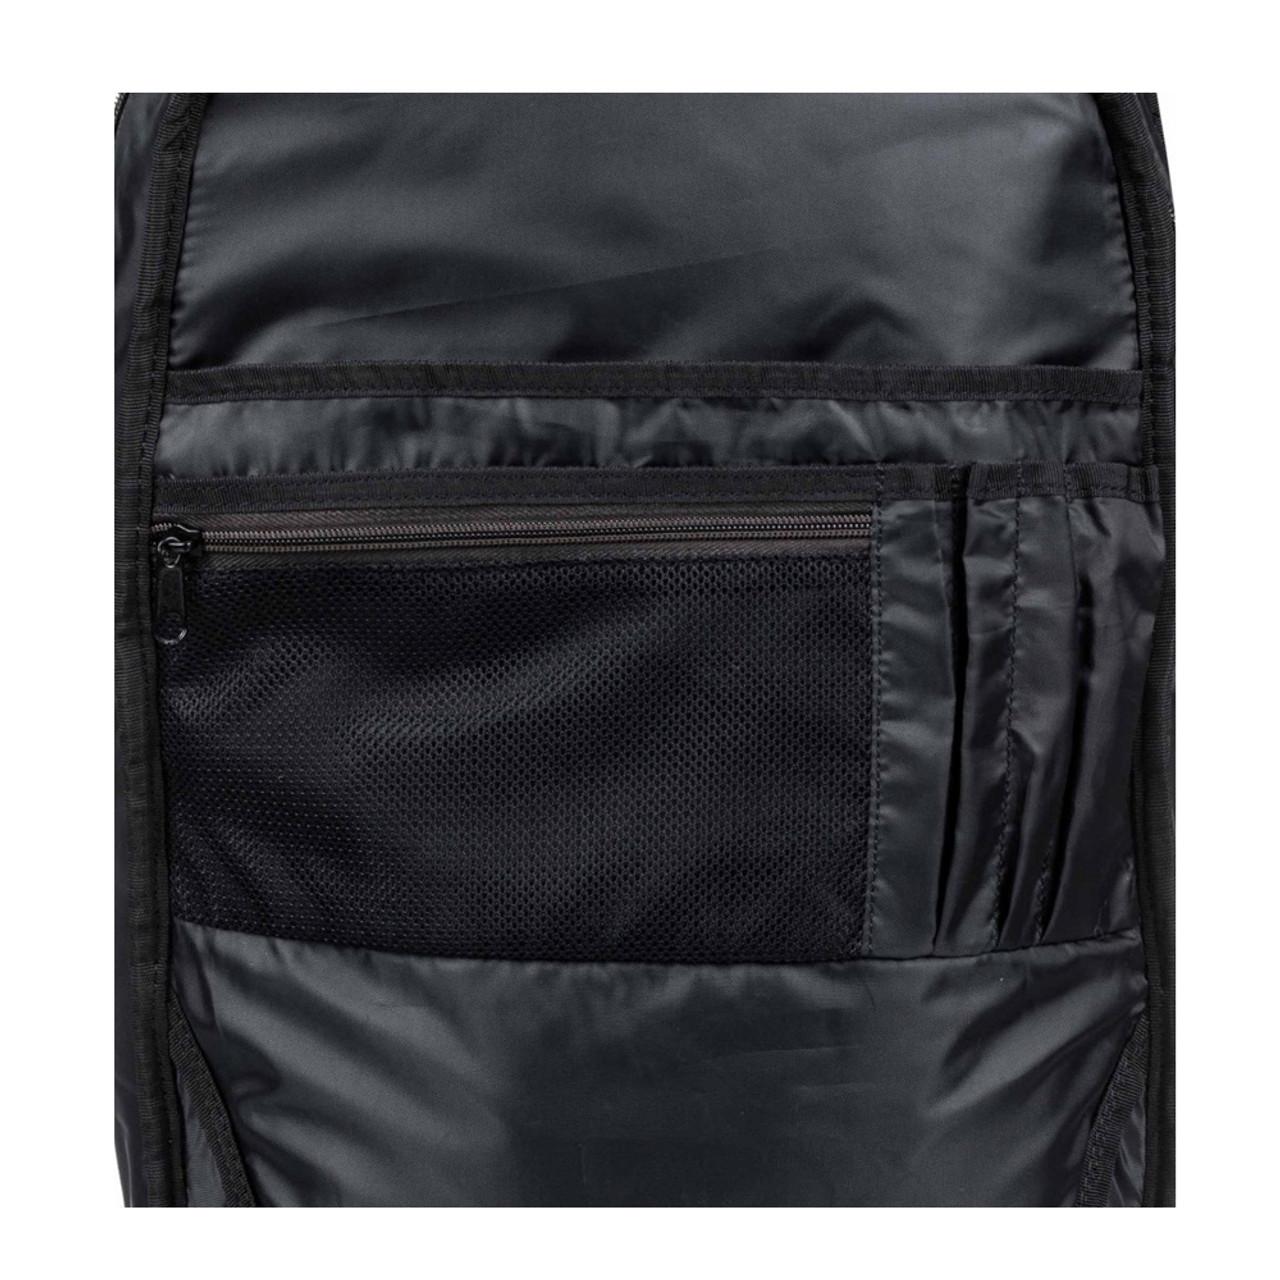 DC Chalkers Backpack Black